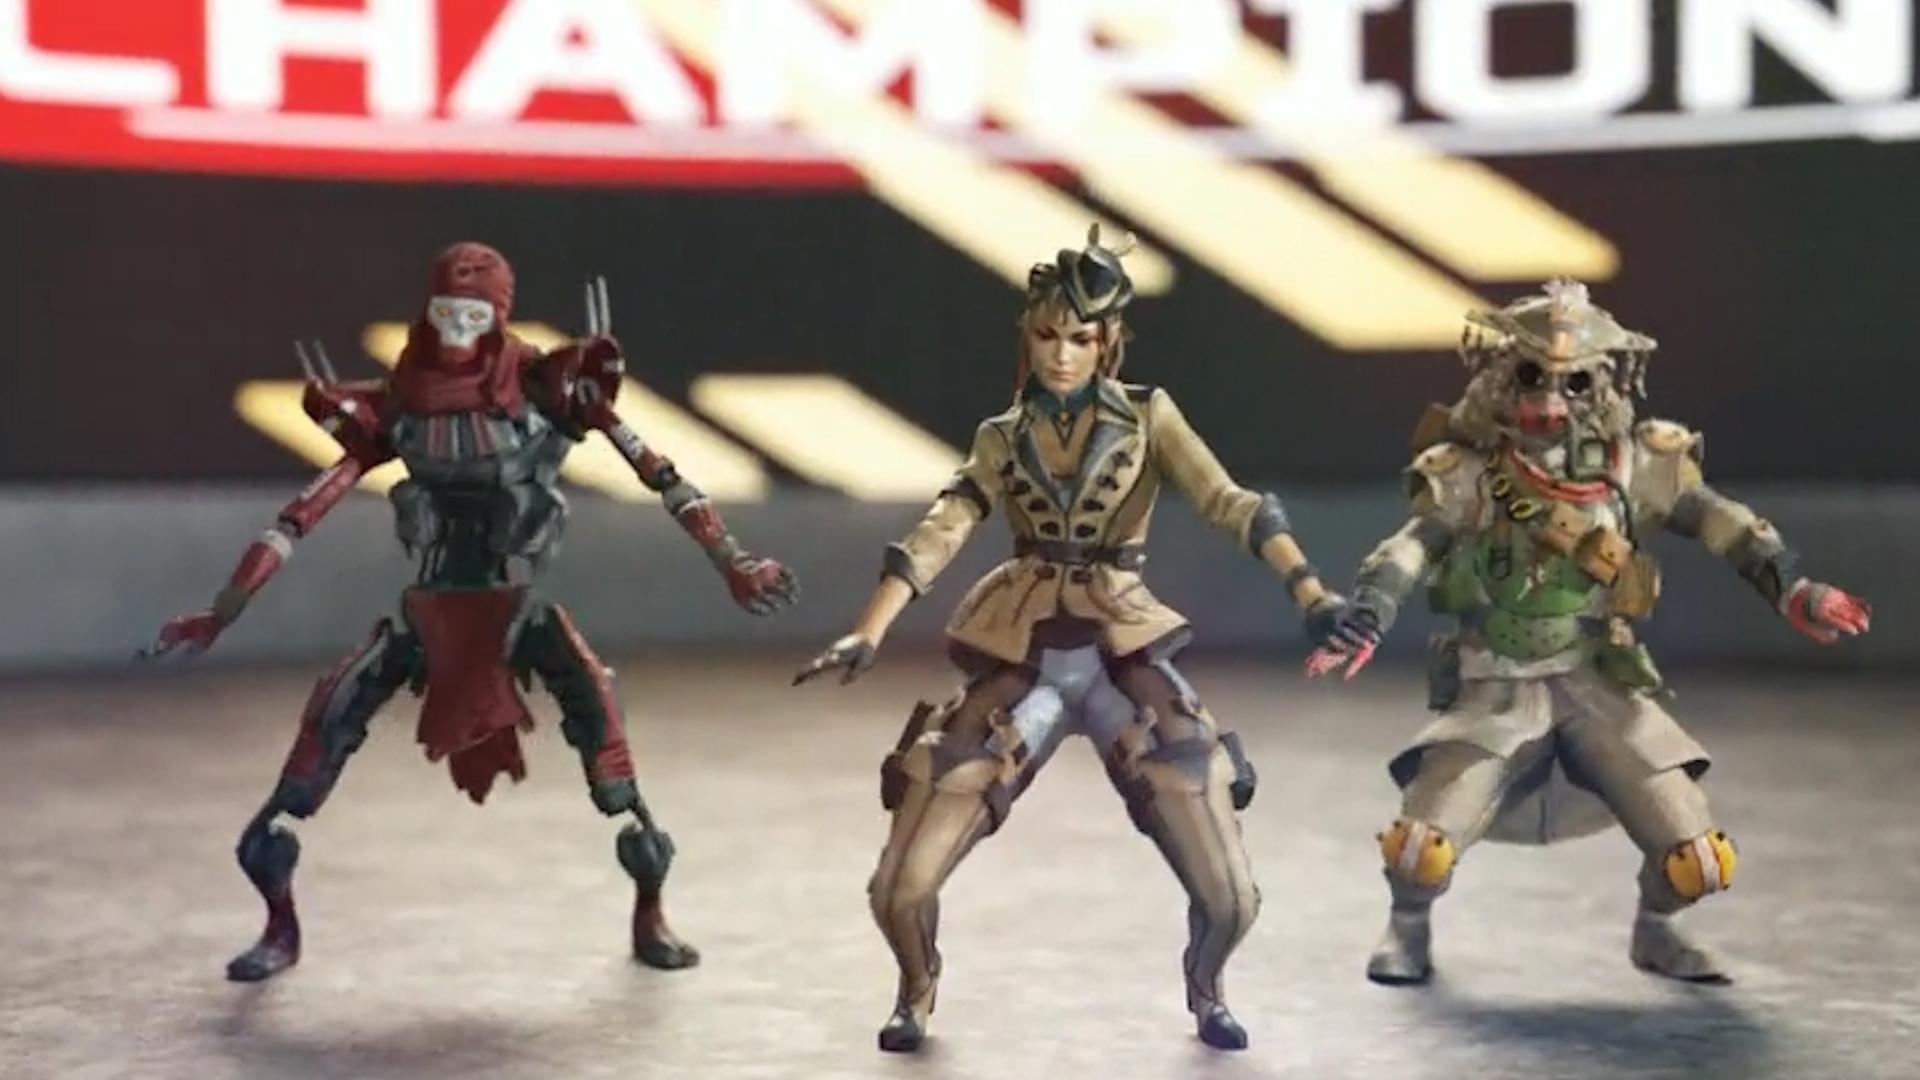 APEXファン「レヴナント、ローバ、ブラッドハウンドの3Dモデルでダンスをさせてみた」